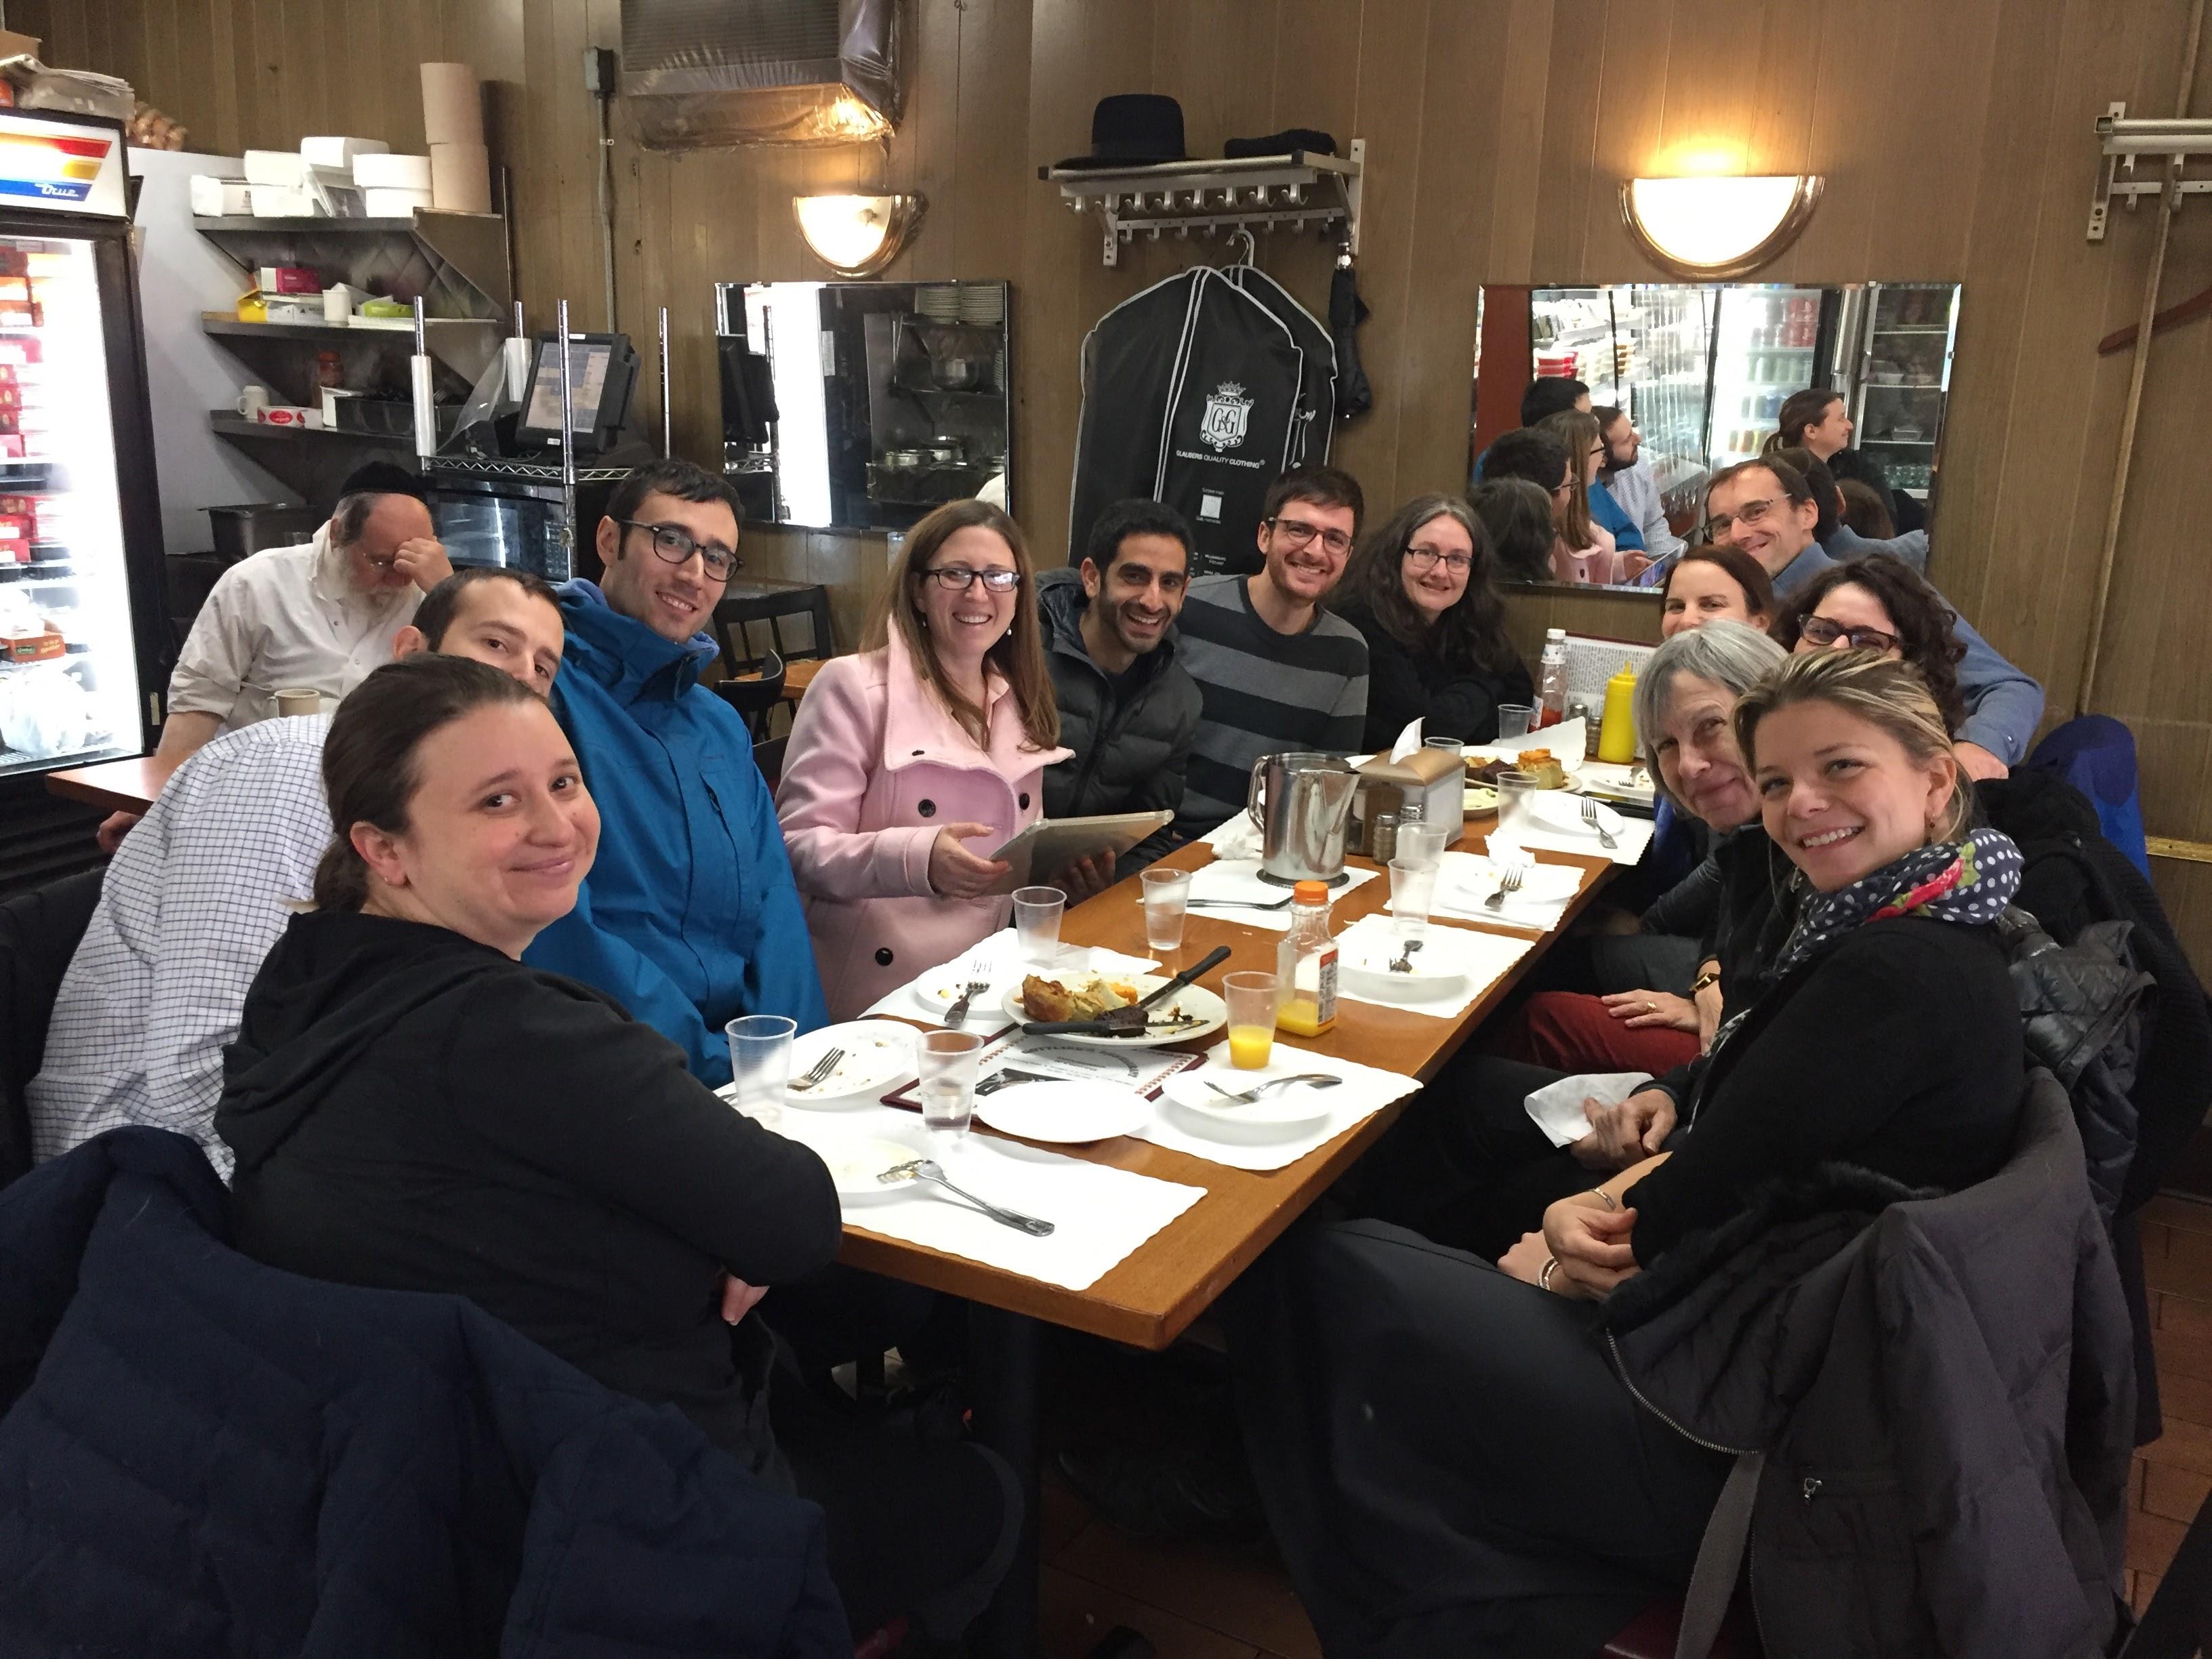 At Gottlieb's Restaurant